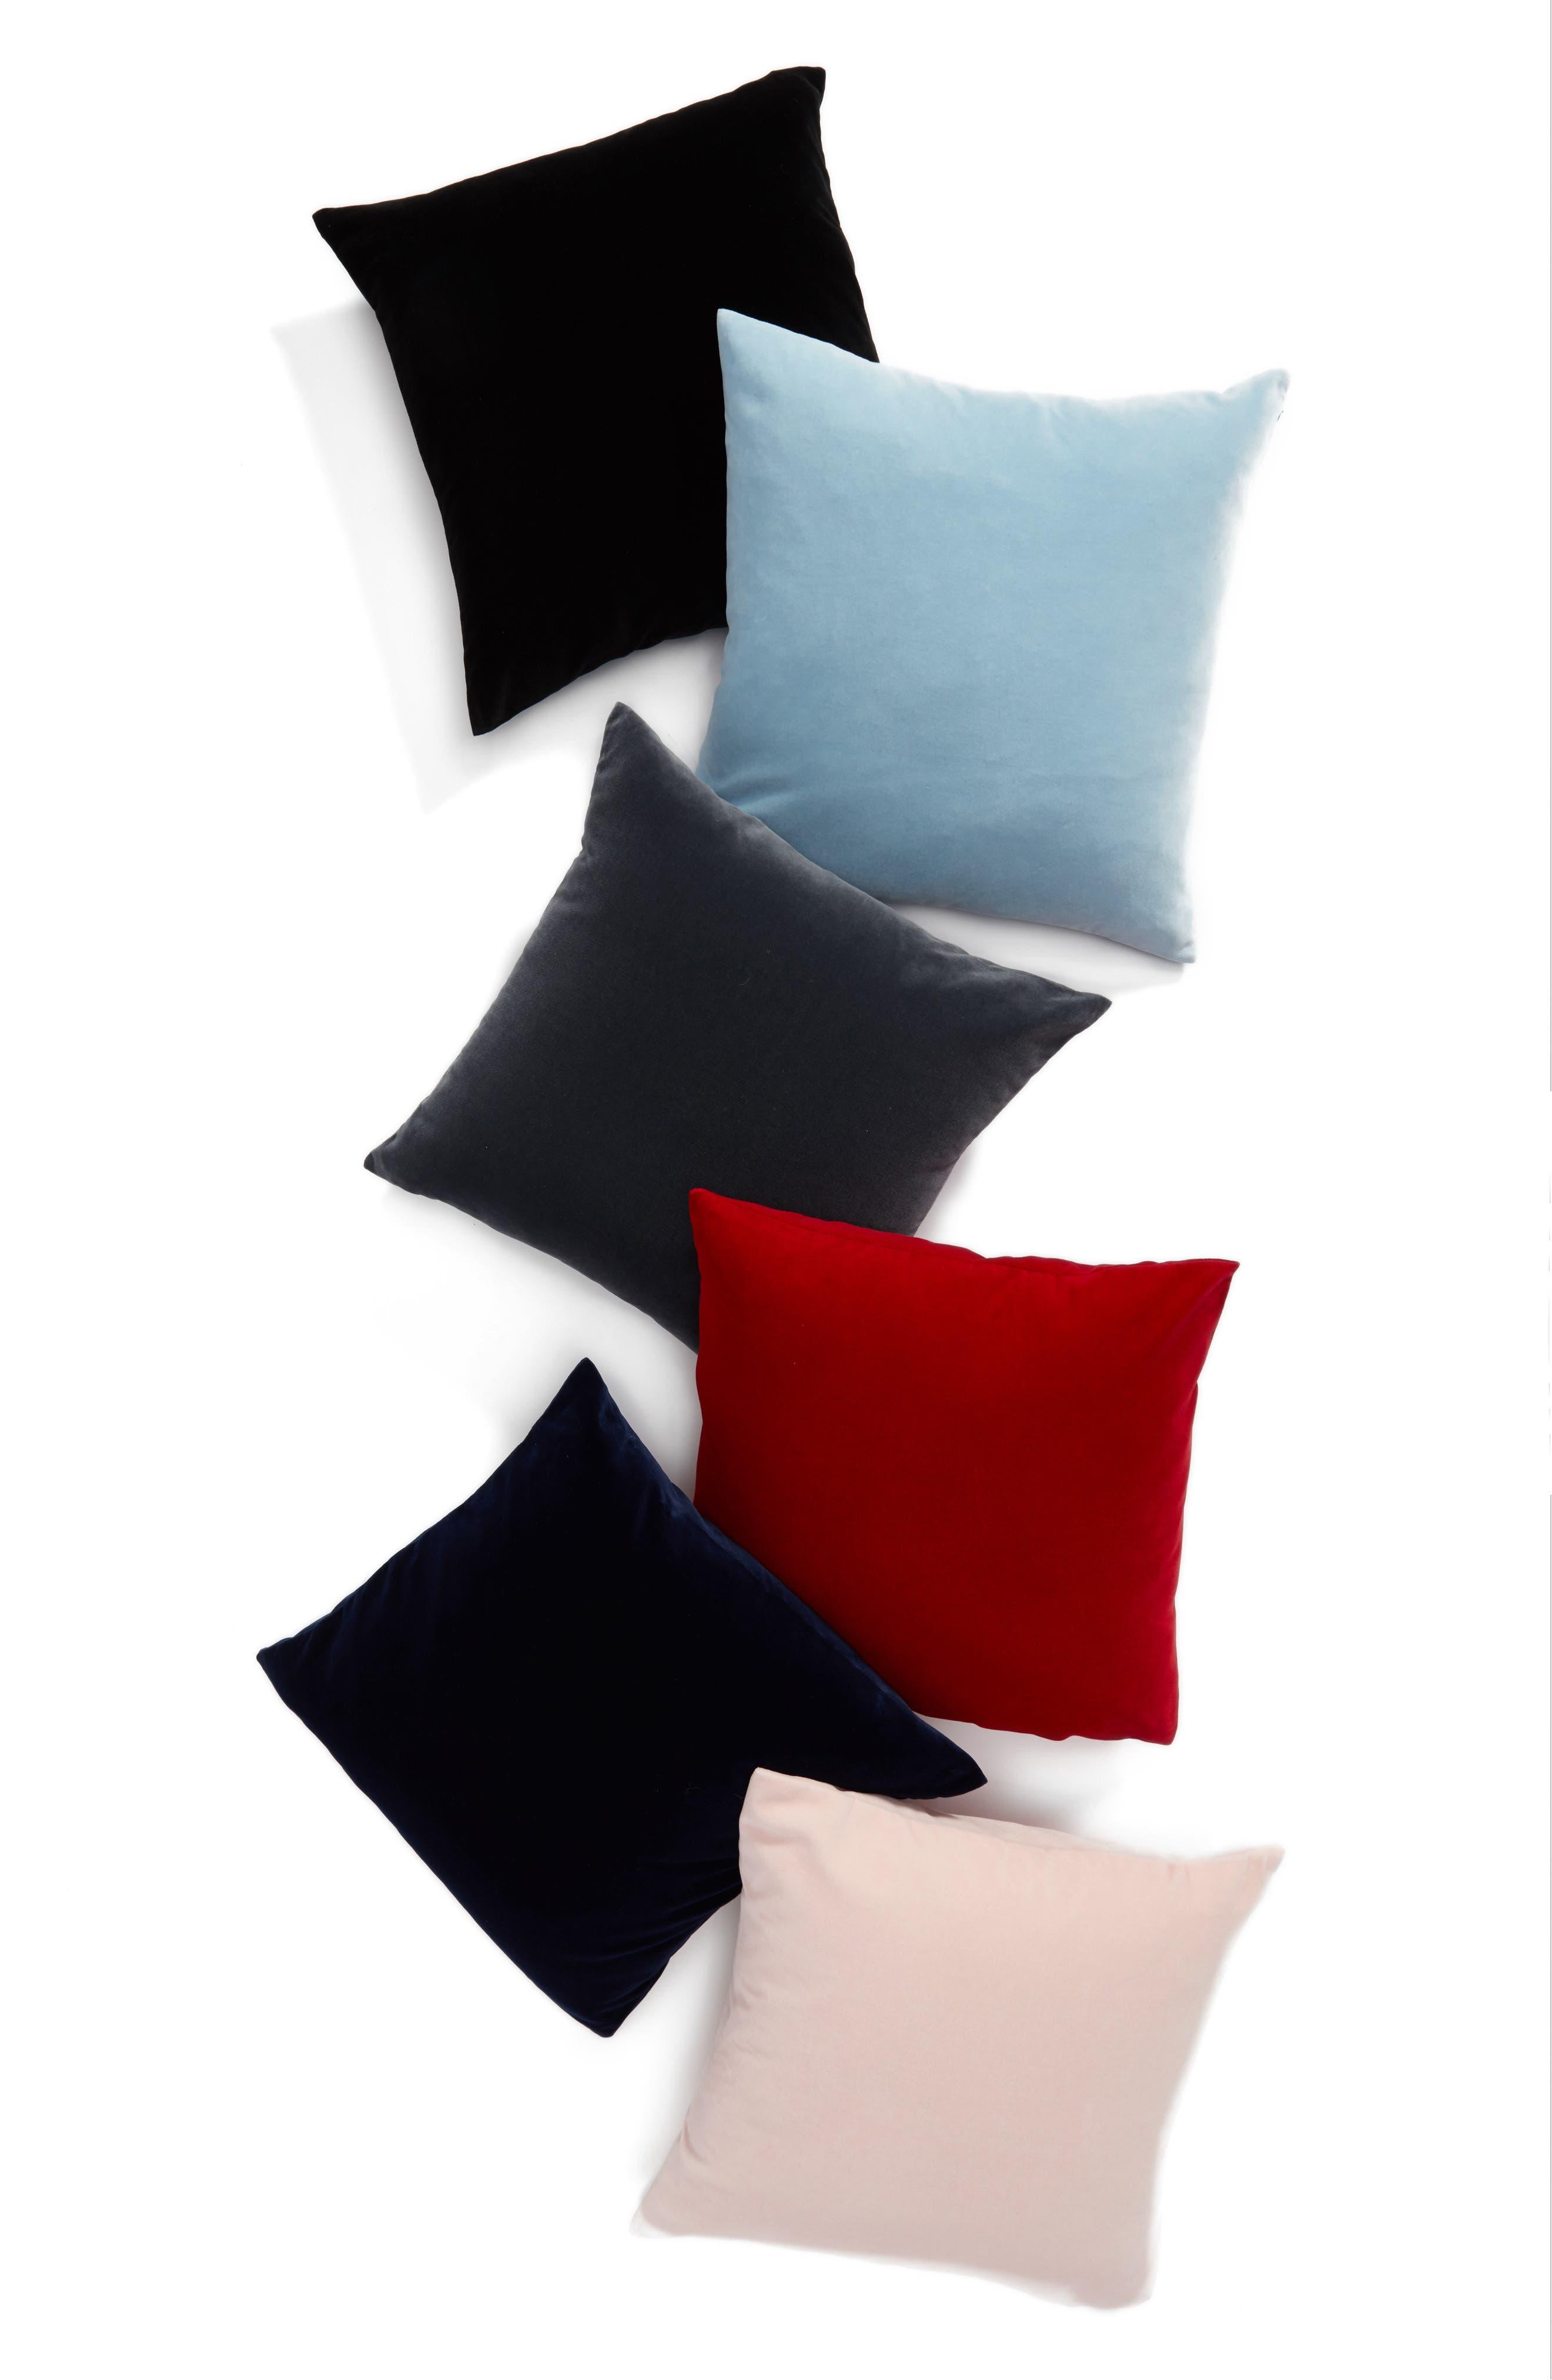 Lucerne Velvet Pillow,                             Alternate thumbnail 3, color,                             001